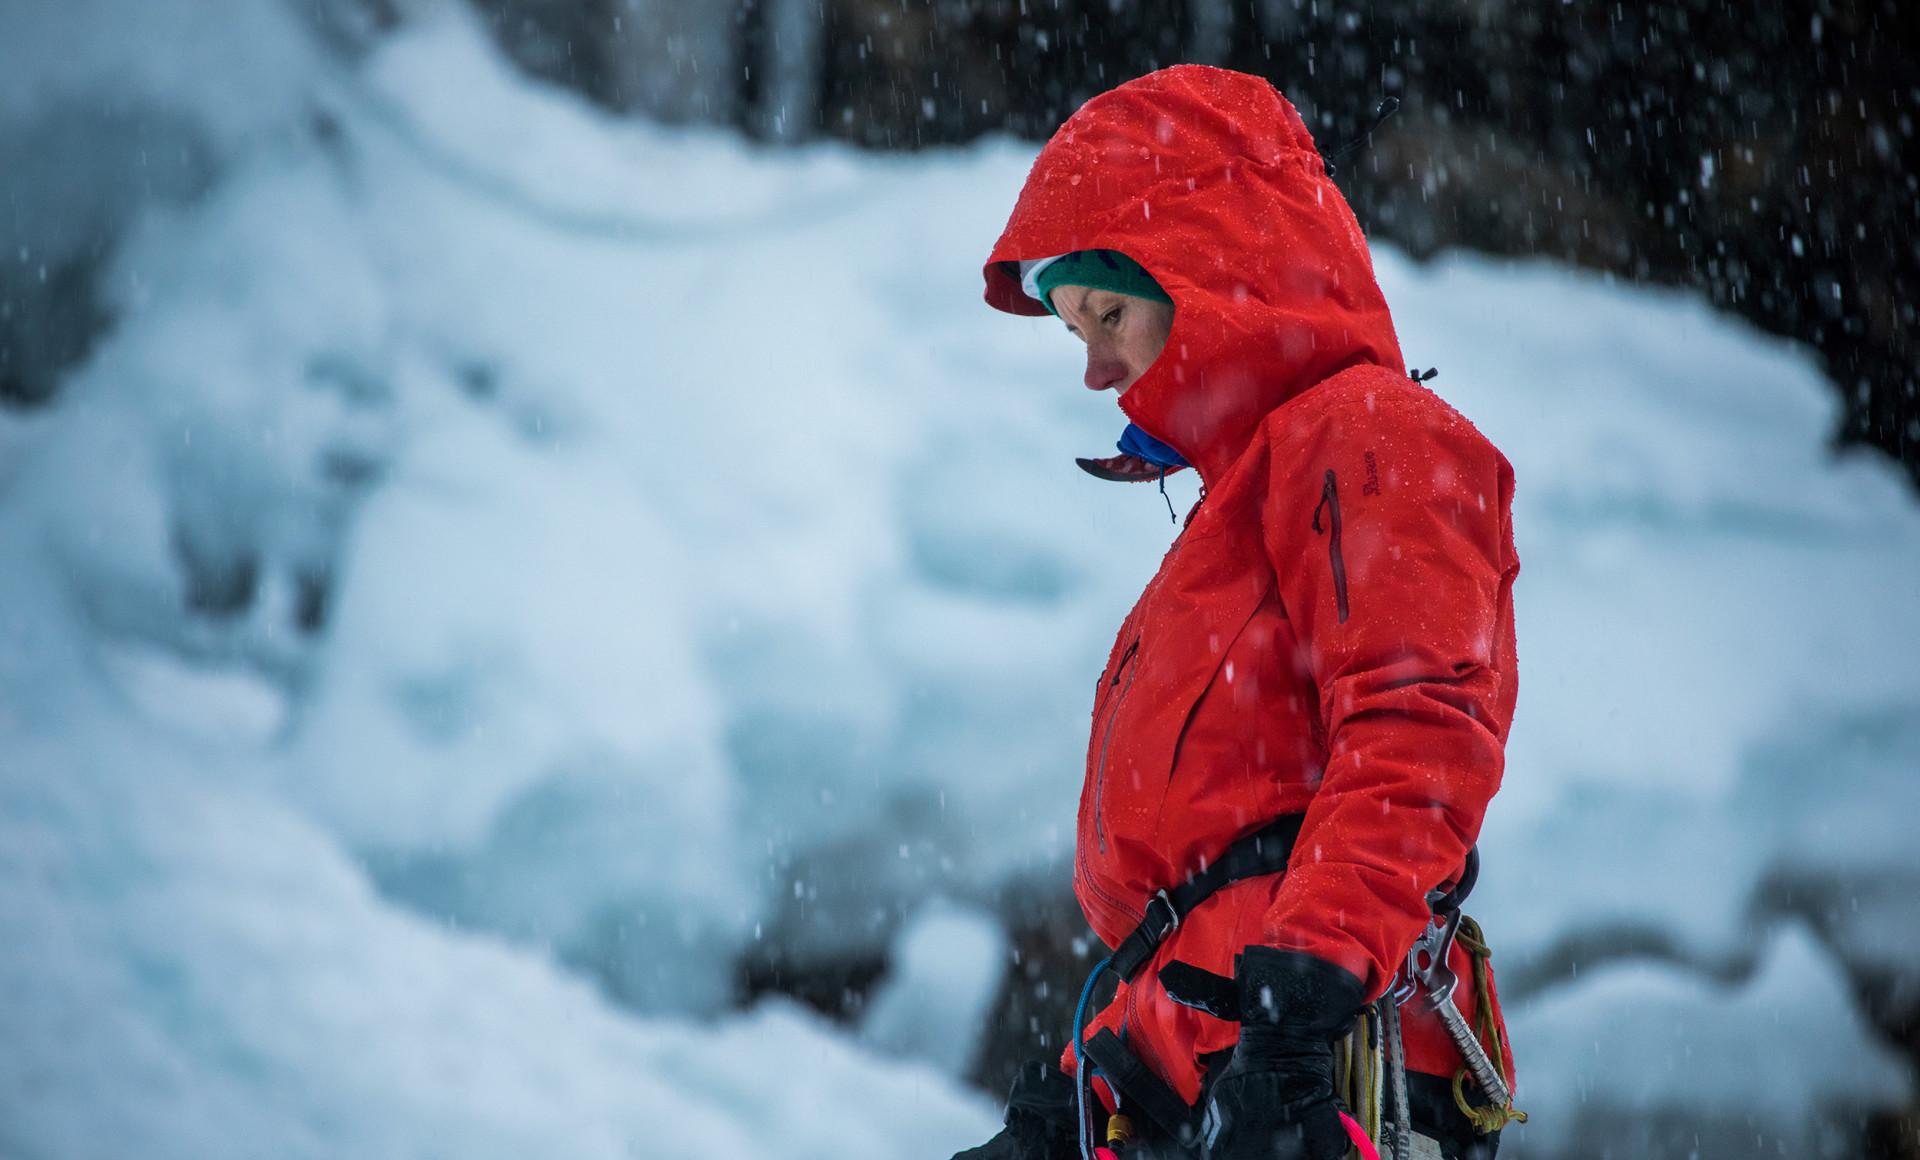 Ines Papert si cimenta per prima con la parete di ghiaccio.